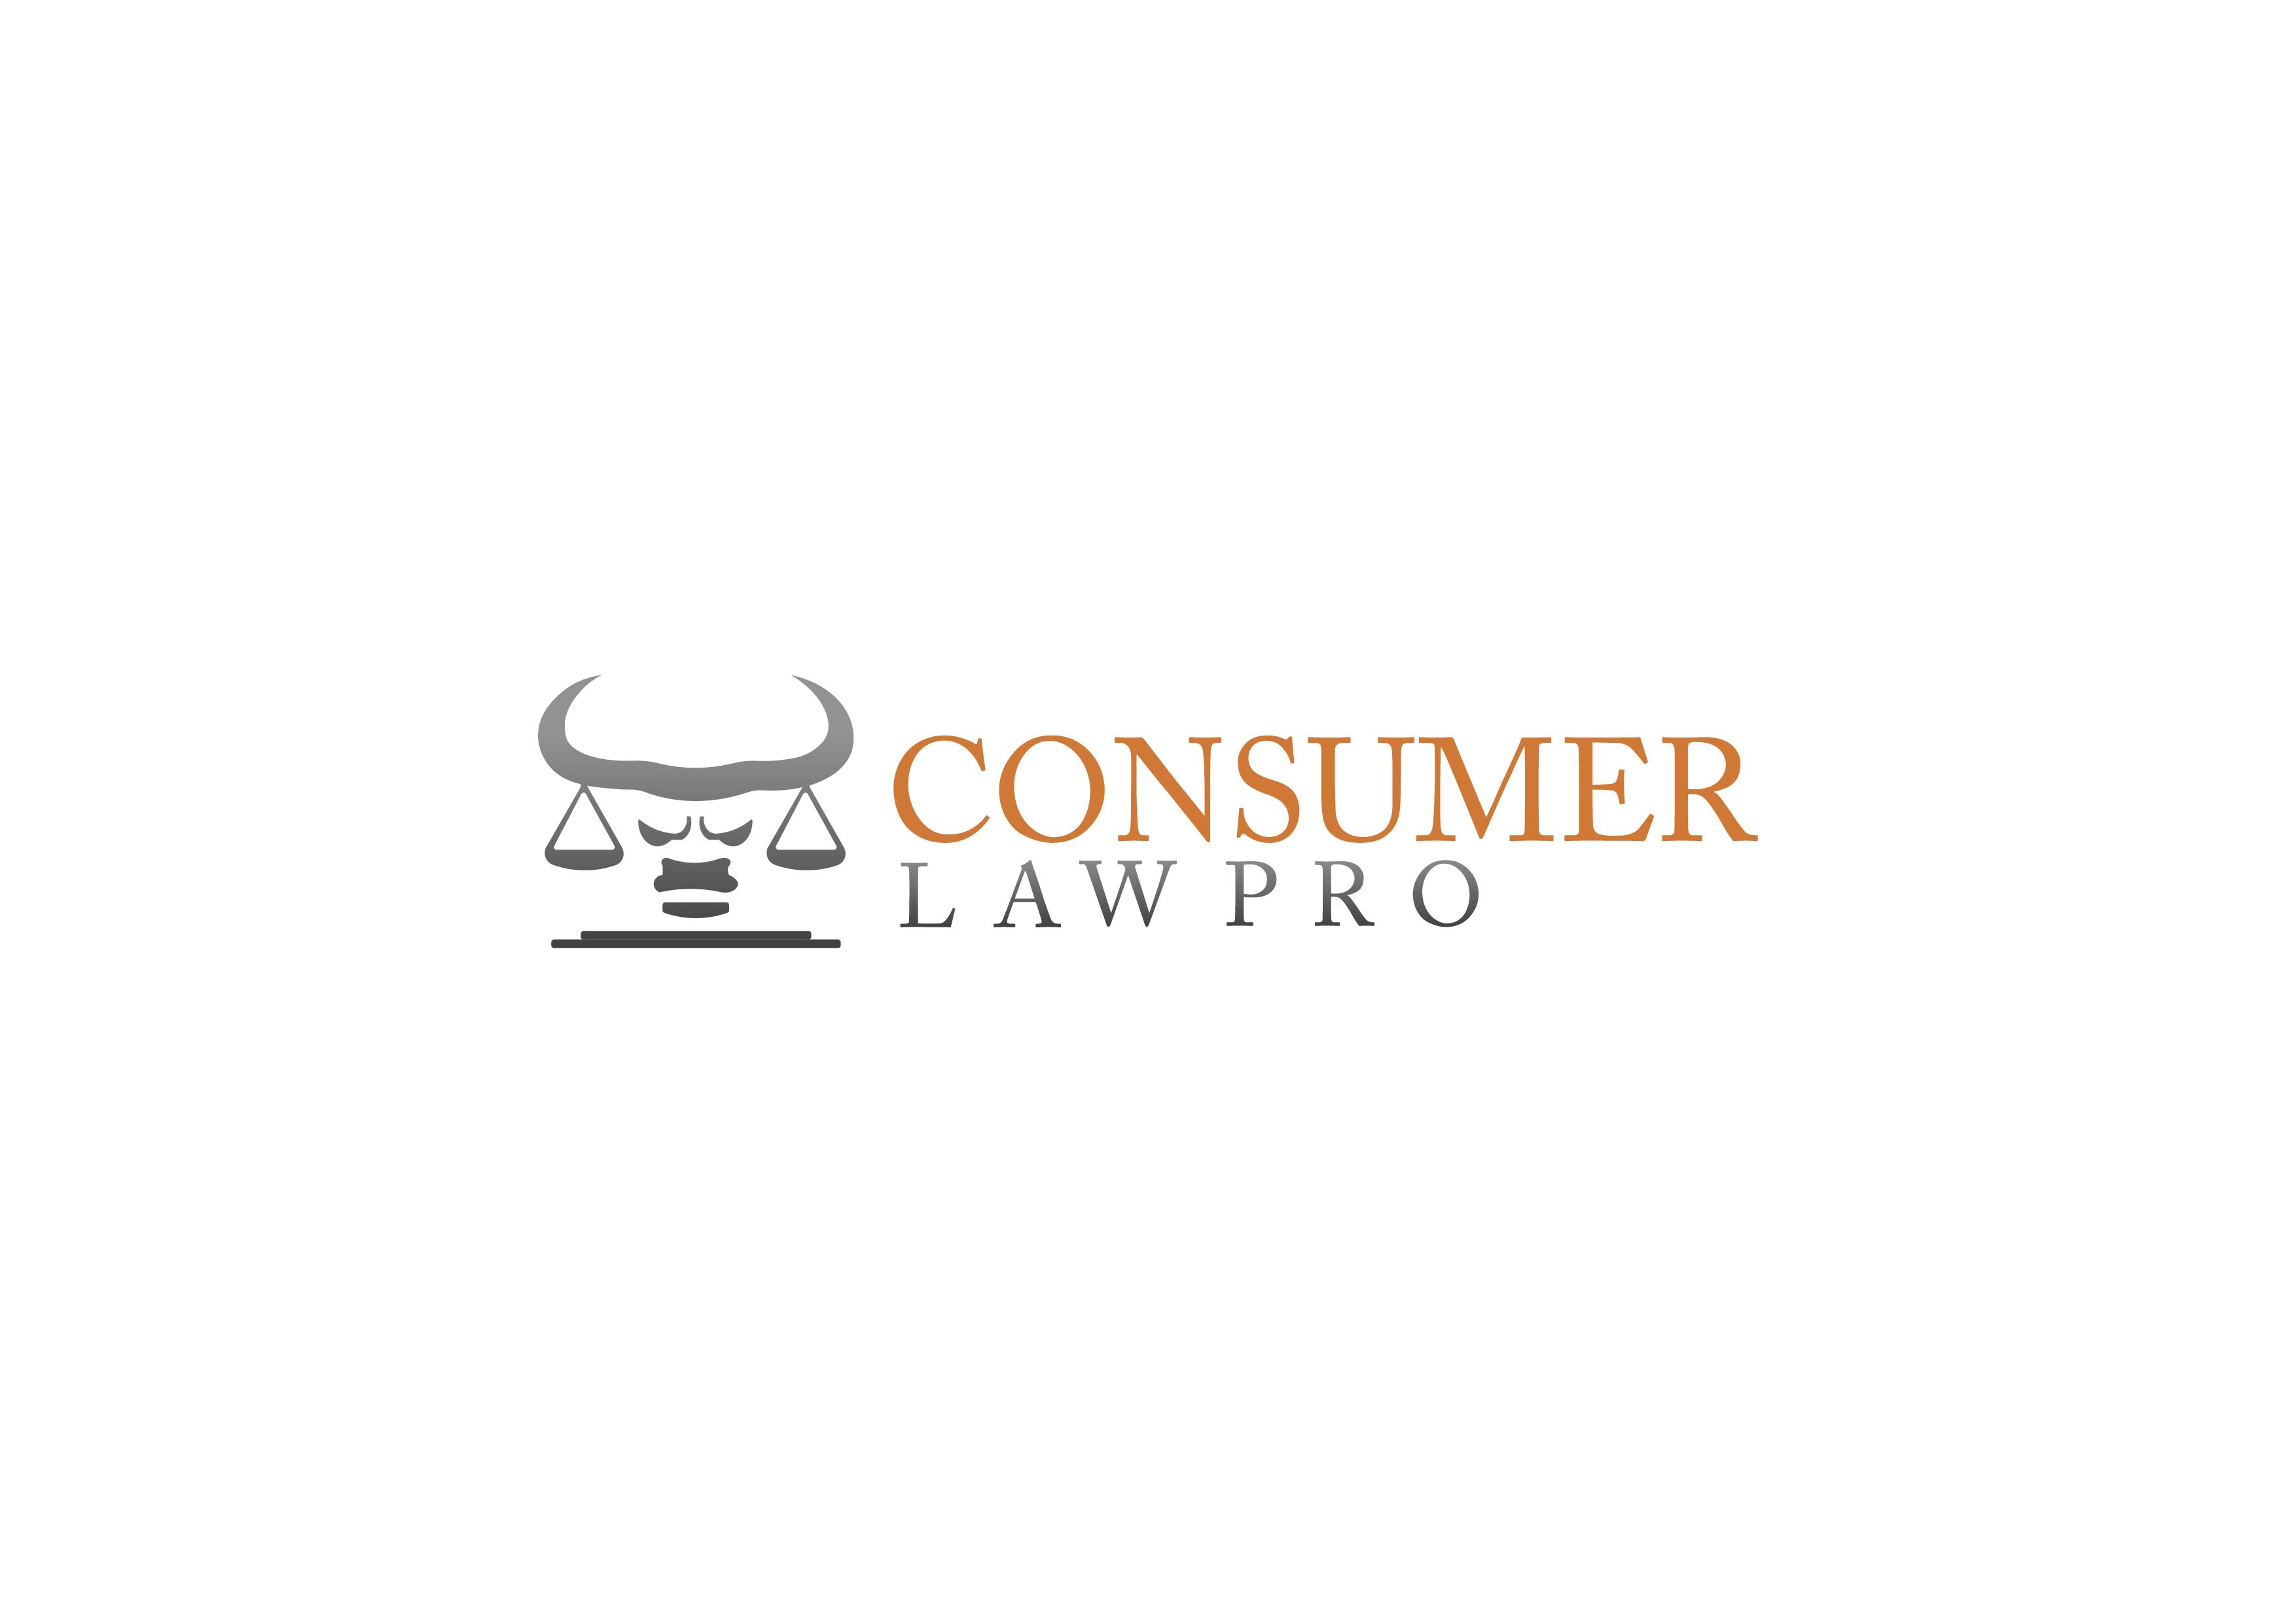 https://www.submitedgeseo.com/uploads/1508191041_logo.jpg